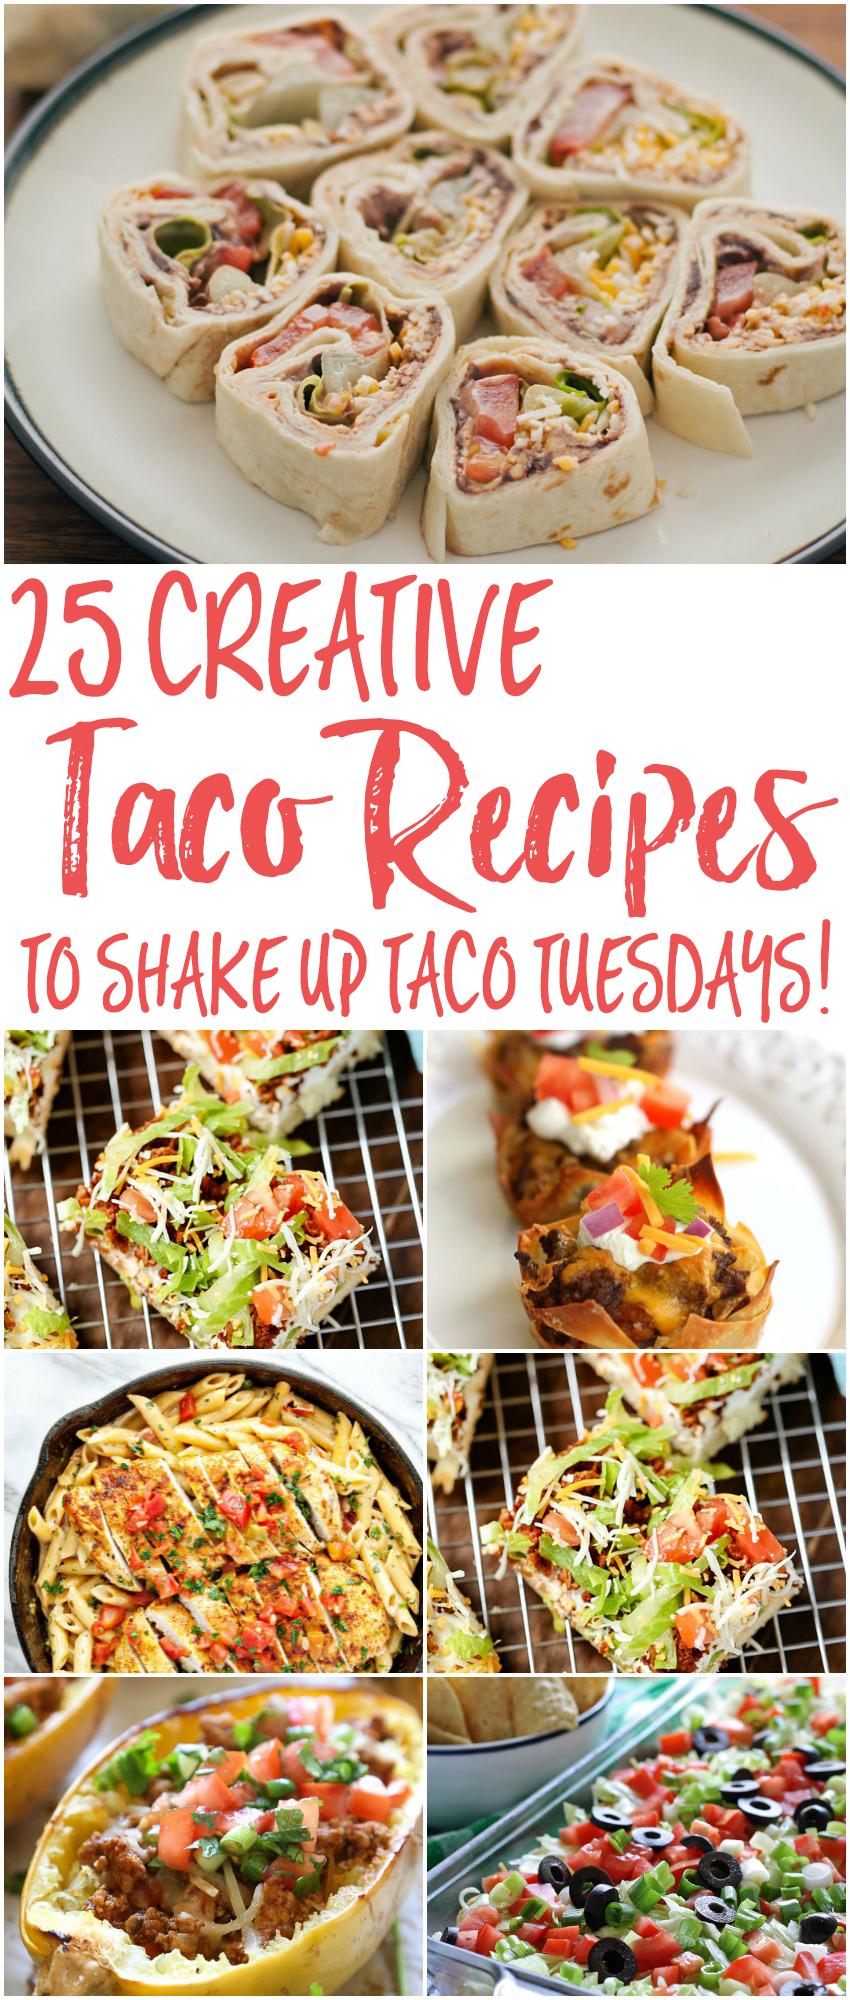 25 Creative Taco Recipes to Shake Up Taco Tuesday!